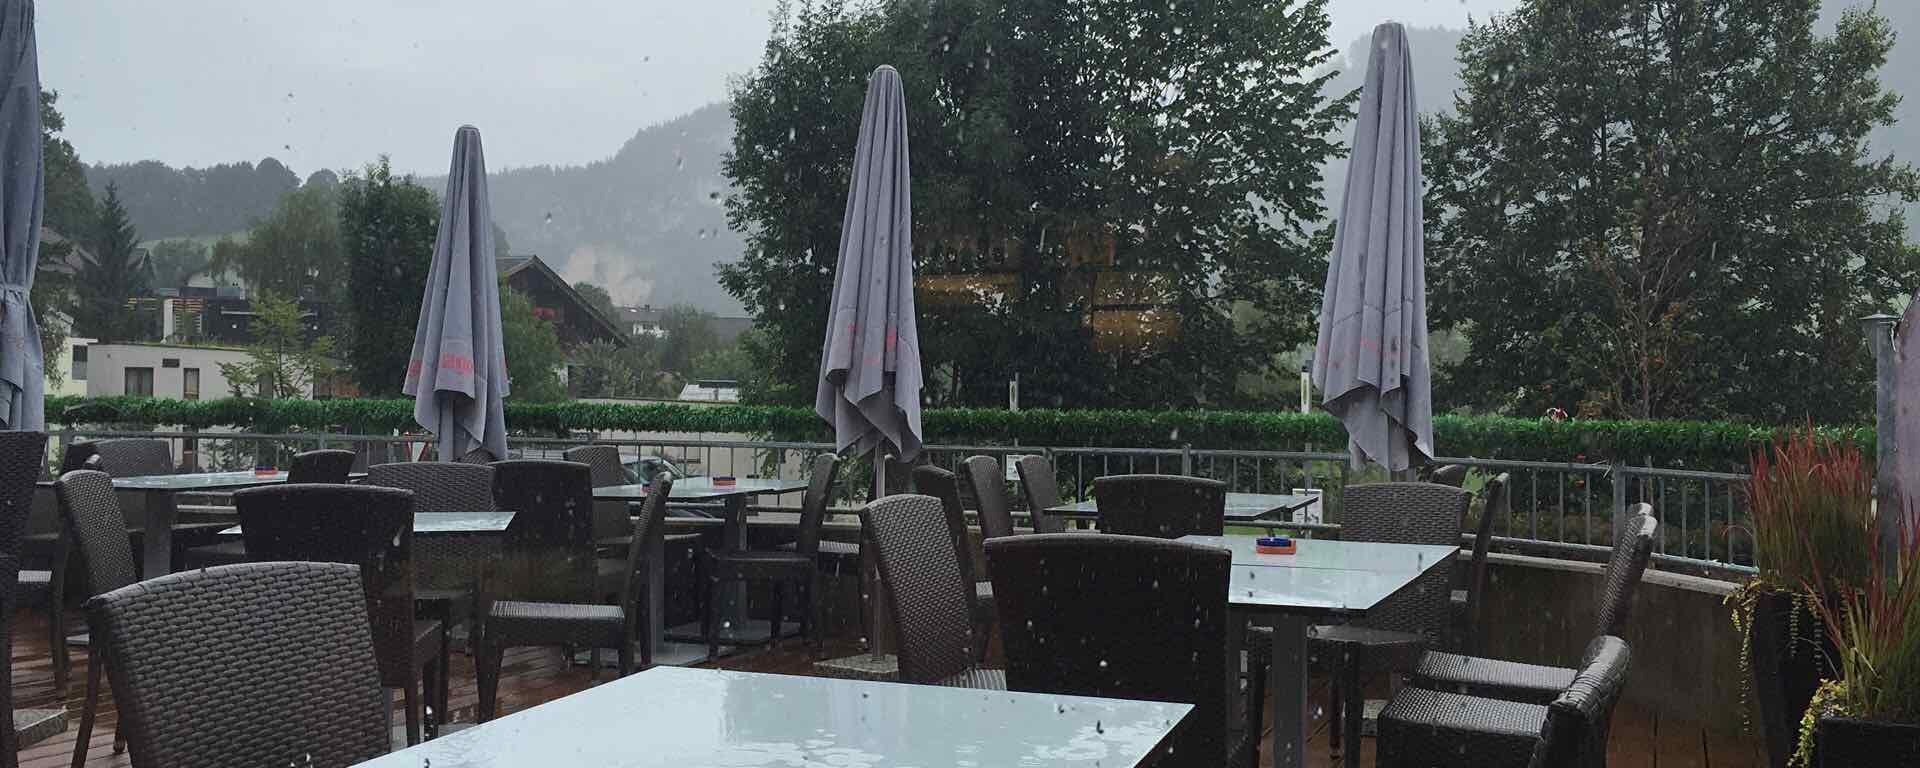 Terrasse eines Cafés in Tirol im Regen